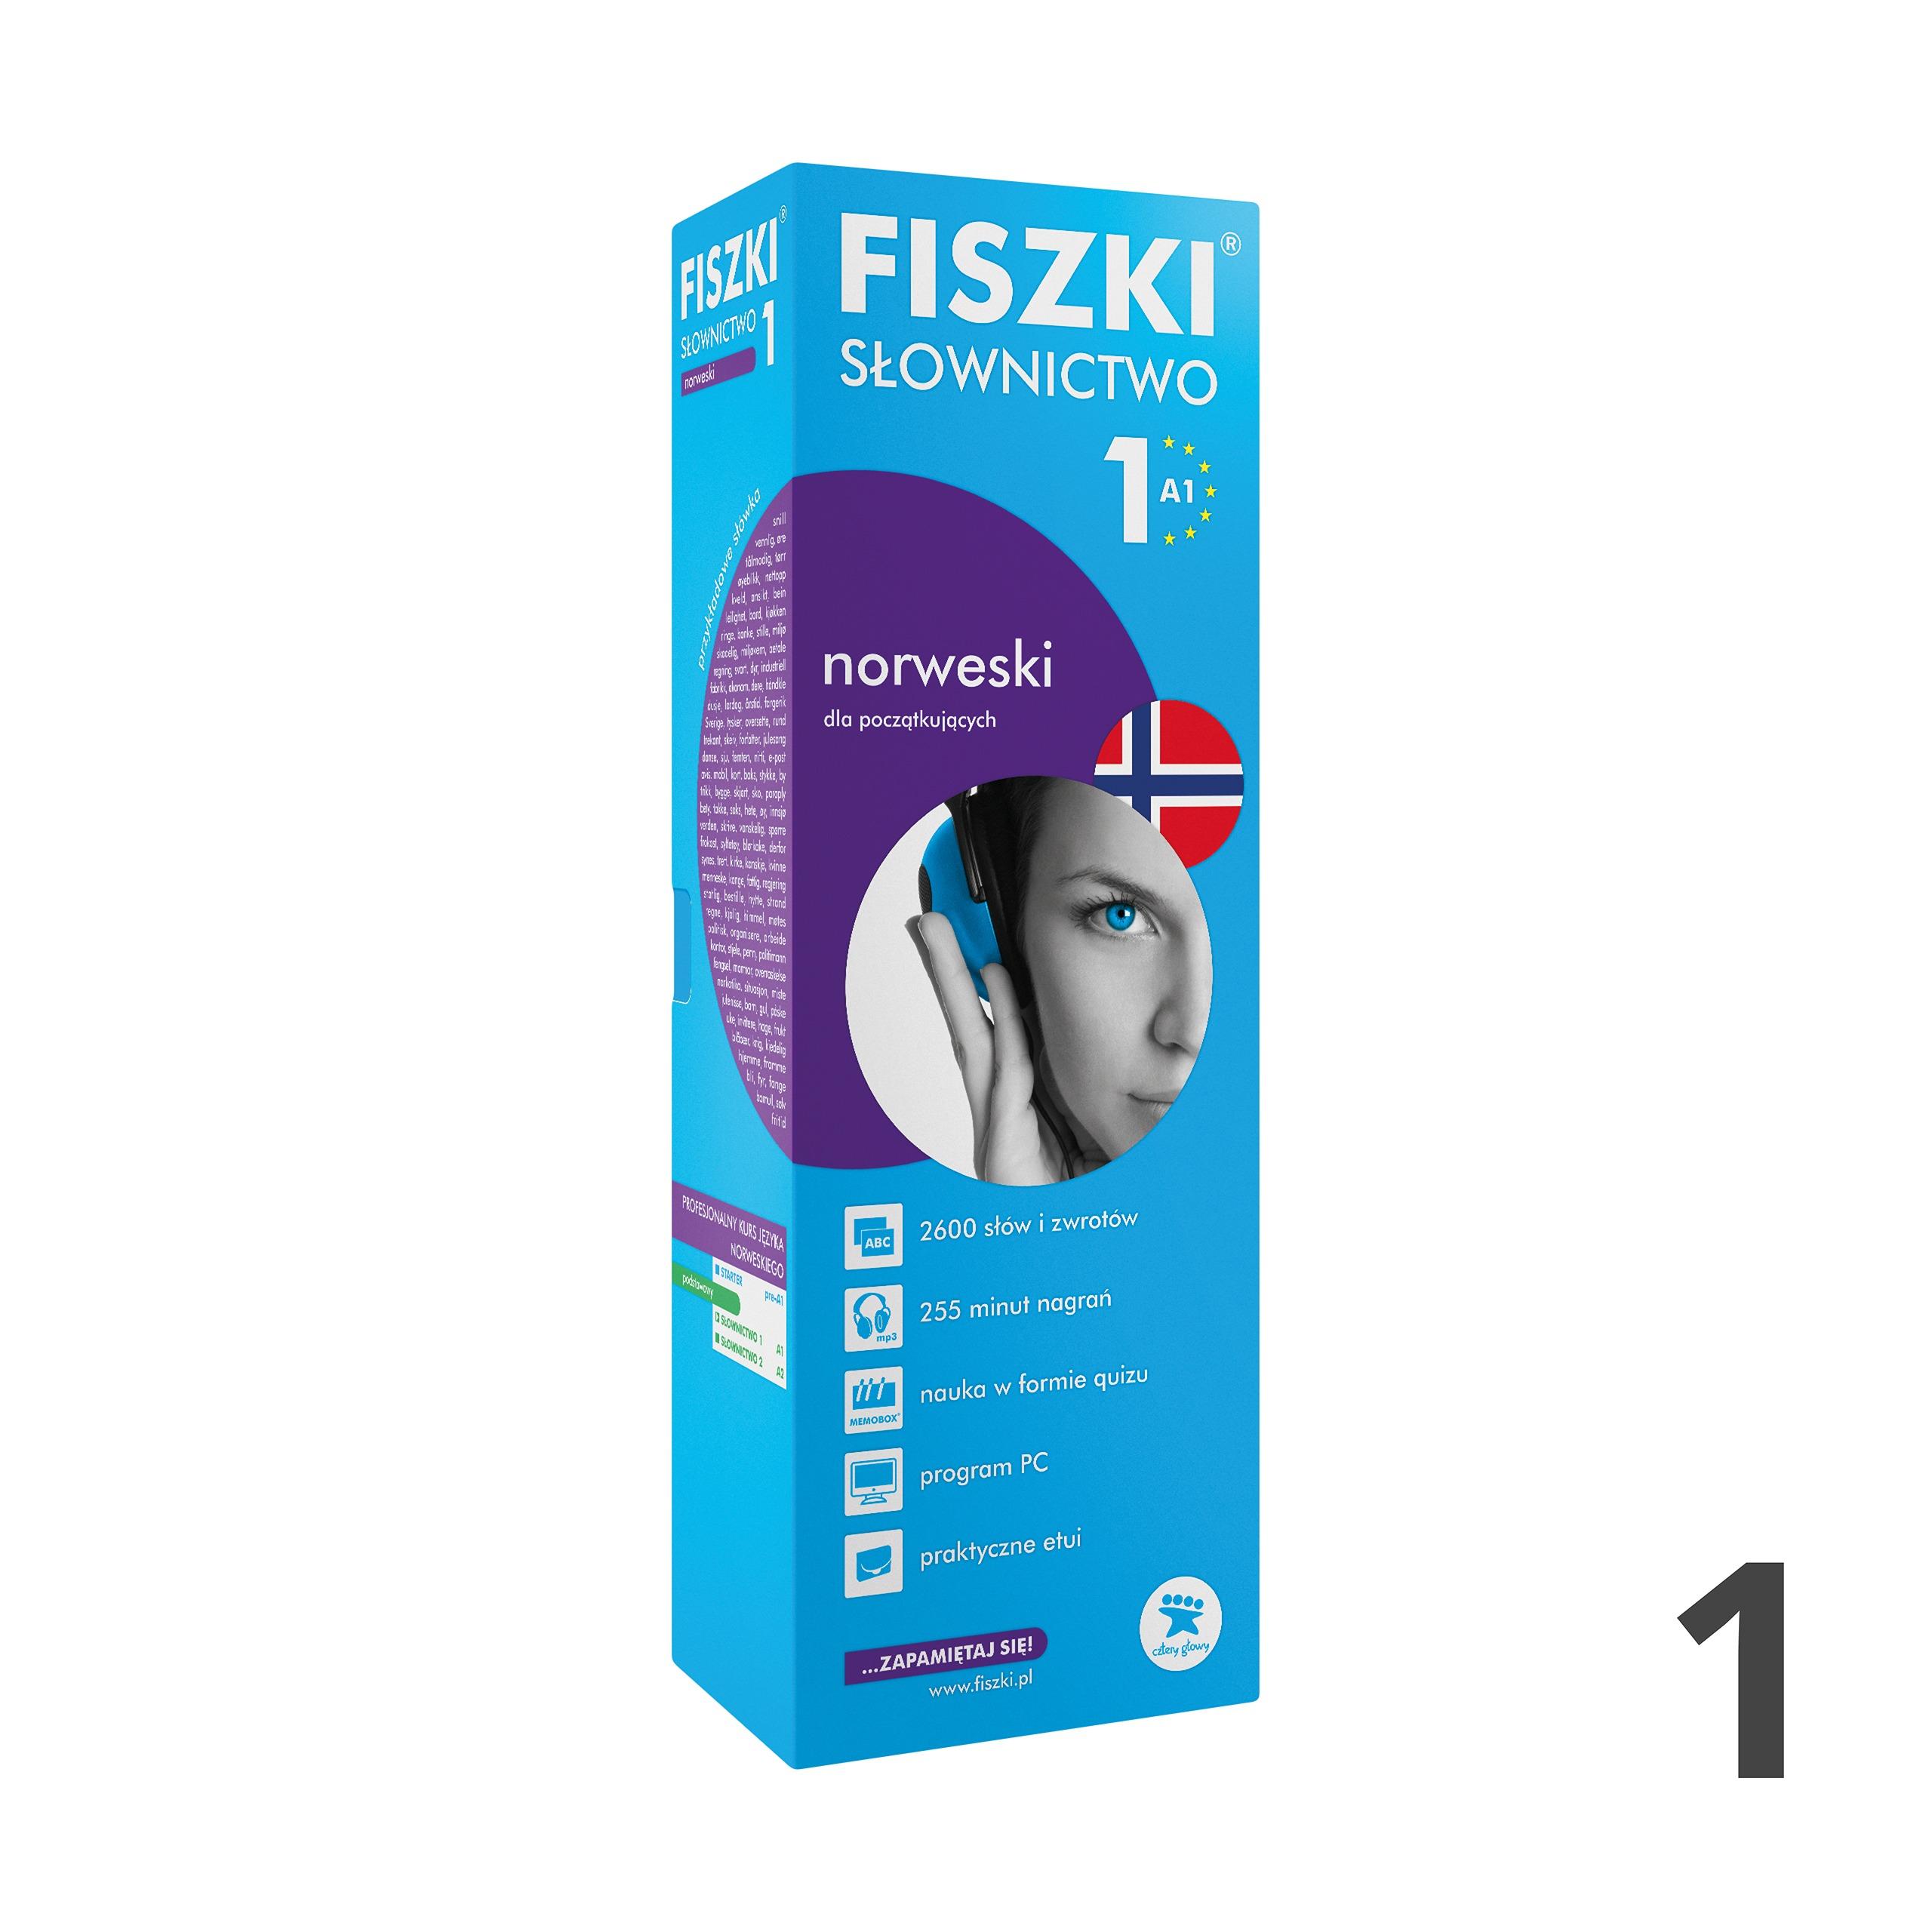 FISZKI - norweski - Słownictwo 1 (A1)